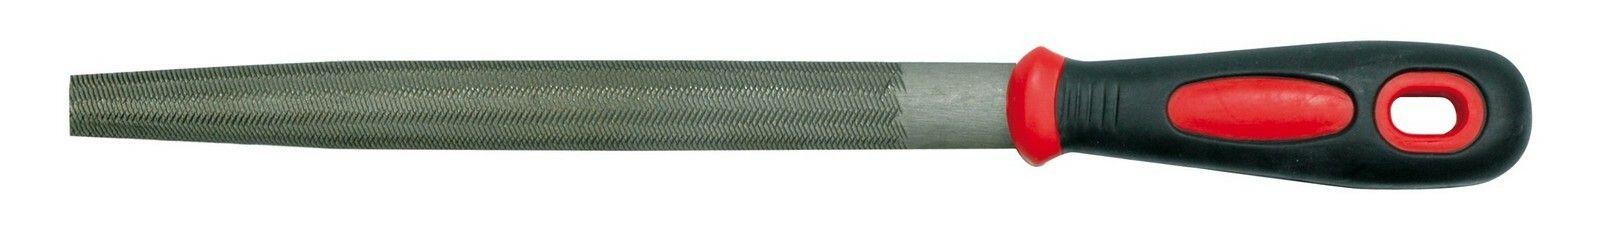 Pilník zámečnický půlkulatý 200 mm TOYA